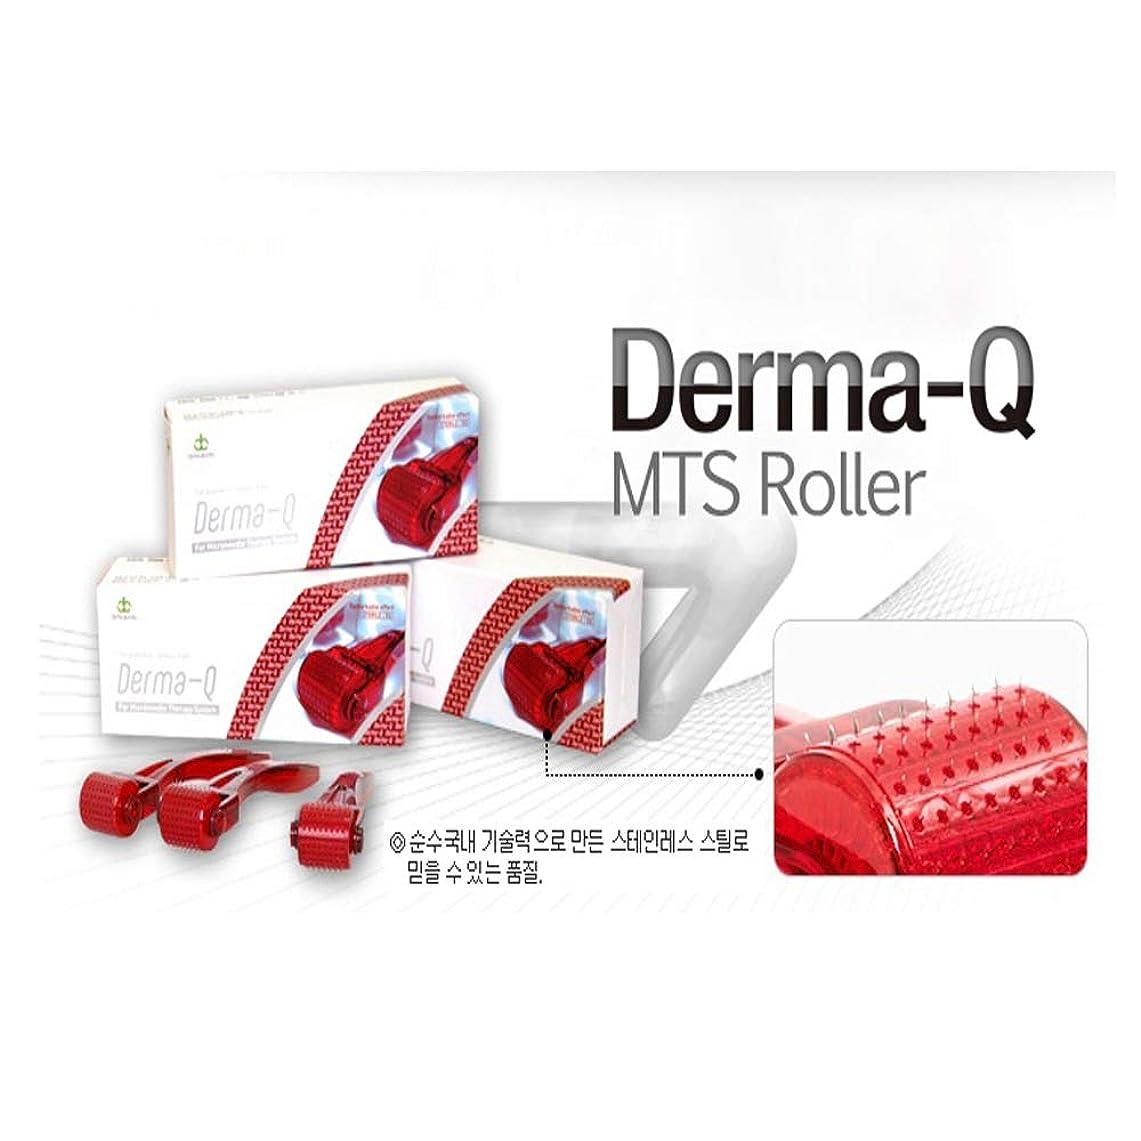 コンパニオン言うにはまってDong Bang MTS Derma 美肌 ミニ針 治療スキンケアツール - 0.25mm*0.3mm/0.5mm/1.0mm/1.5mm/2.0mm ローラー美顔器 (0.25*0.5mm)